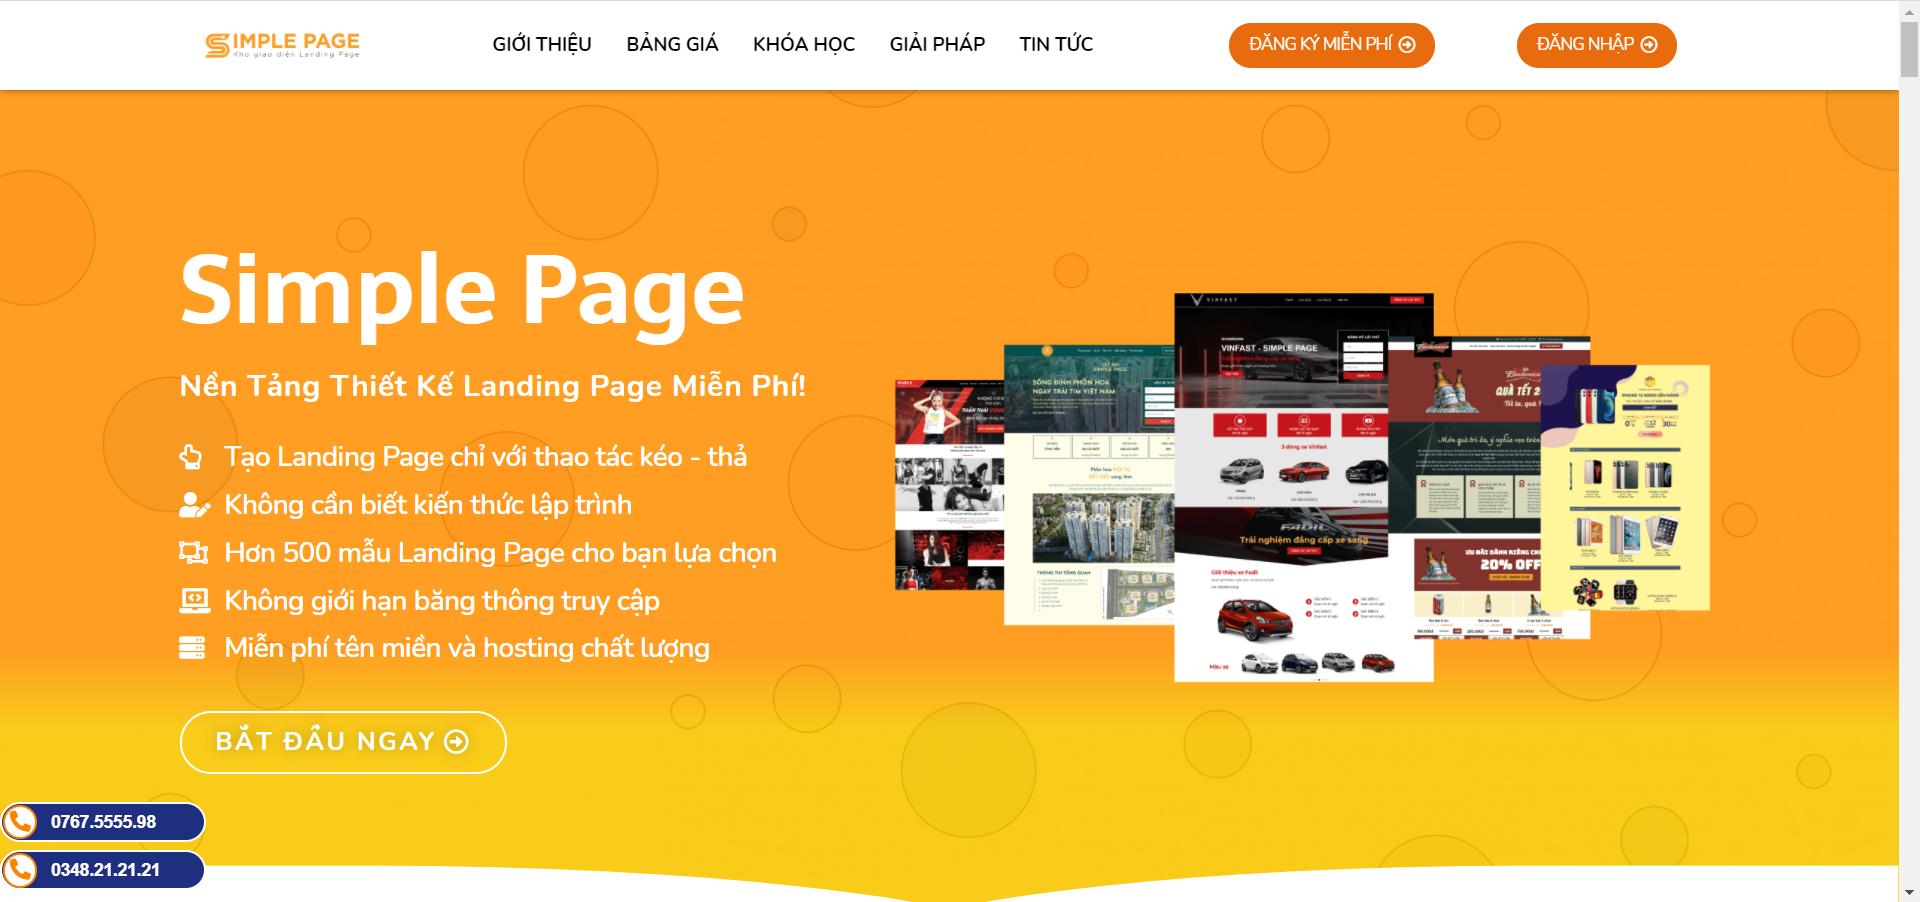 nền tảng thiết kế Landing Page miễn phí